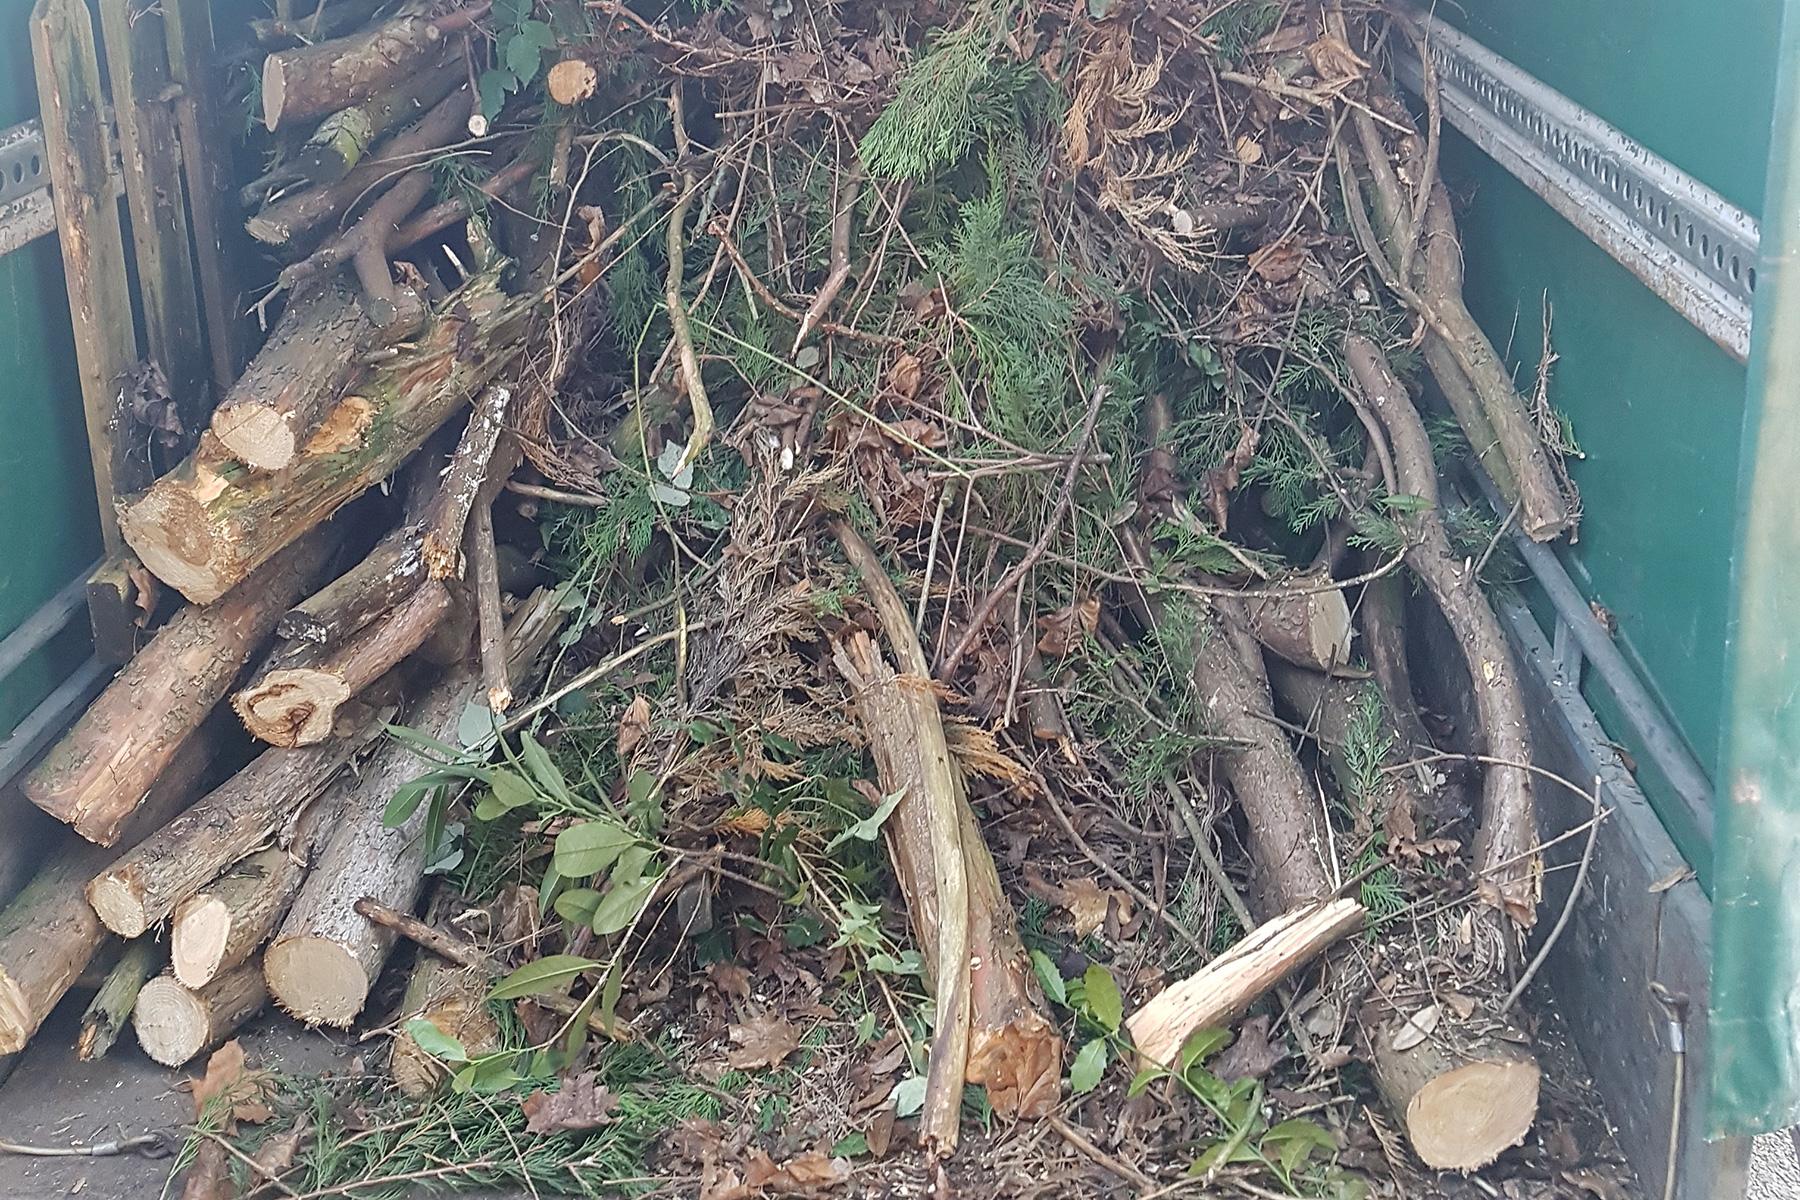 Gartenpflege Wojtkowski Gehölzschnitt Entsorgung von Schnittgut